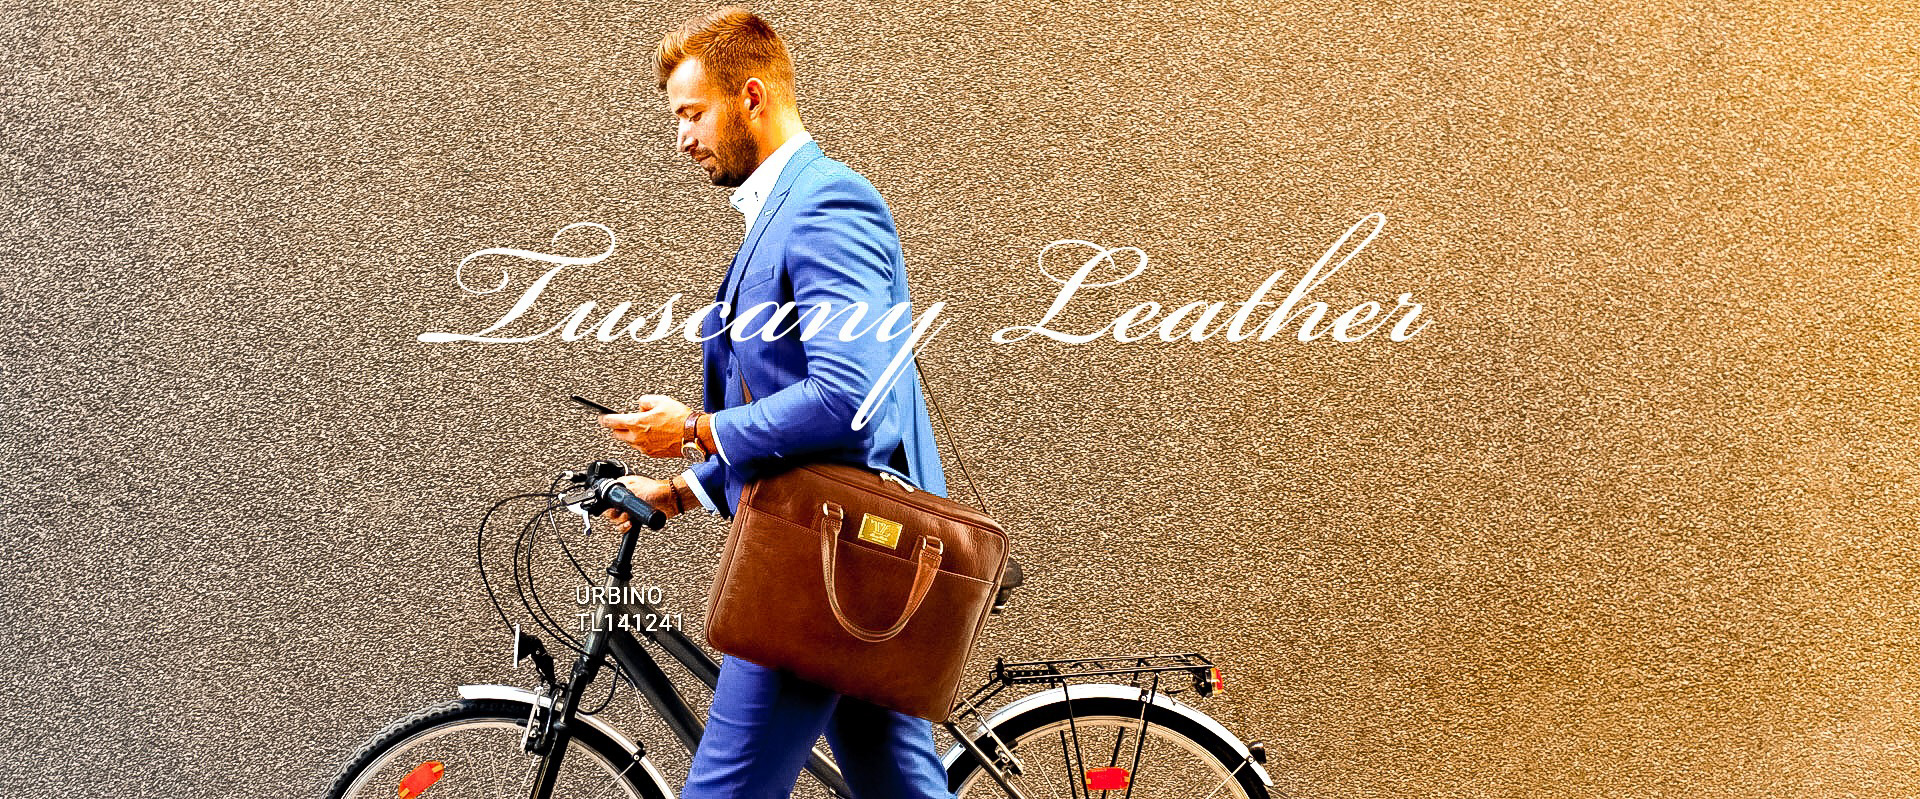 Tuscany Leather Väskor